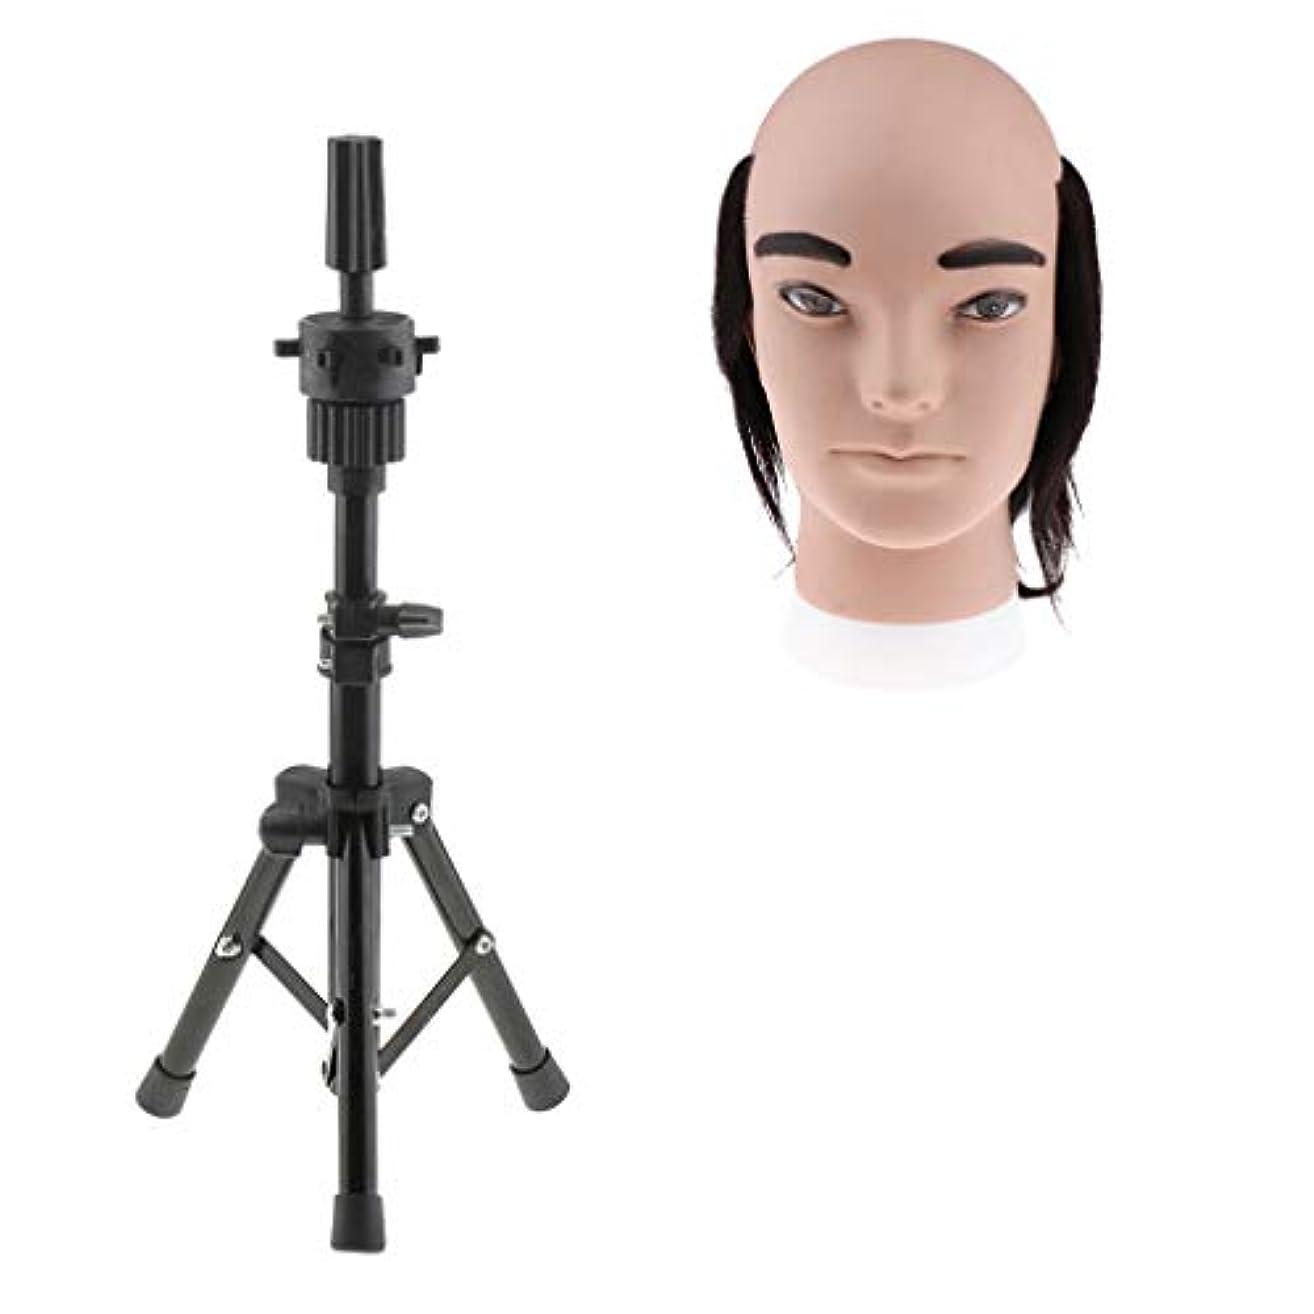 容量アラブカジュアルToygogo 7.9インチ化粧品男性用半Bal型マネキンヘッド理髪店スタイリングカッティングウィービングスタイリング三脚スタンド